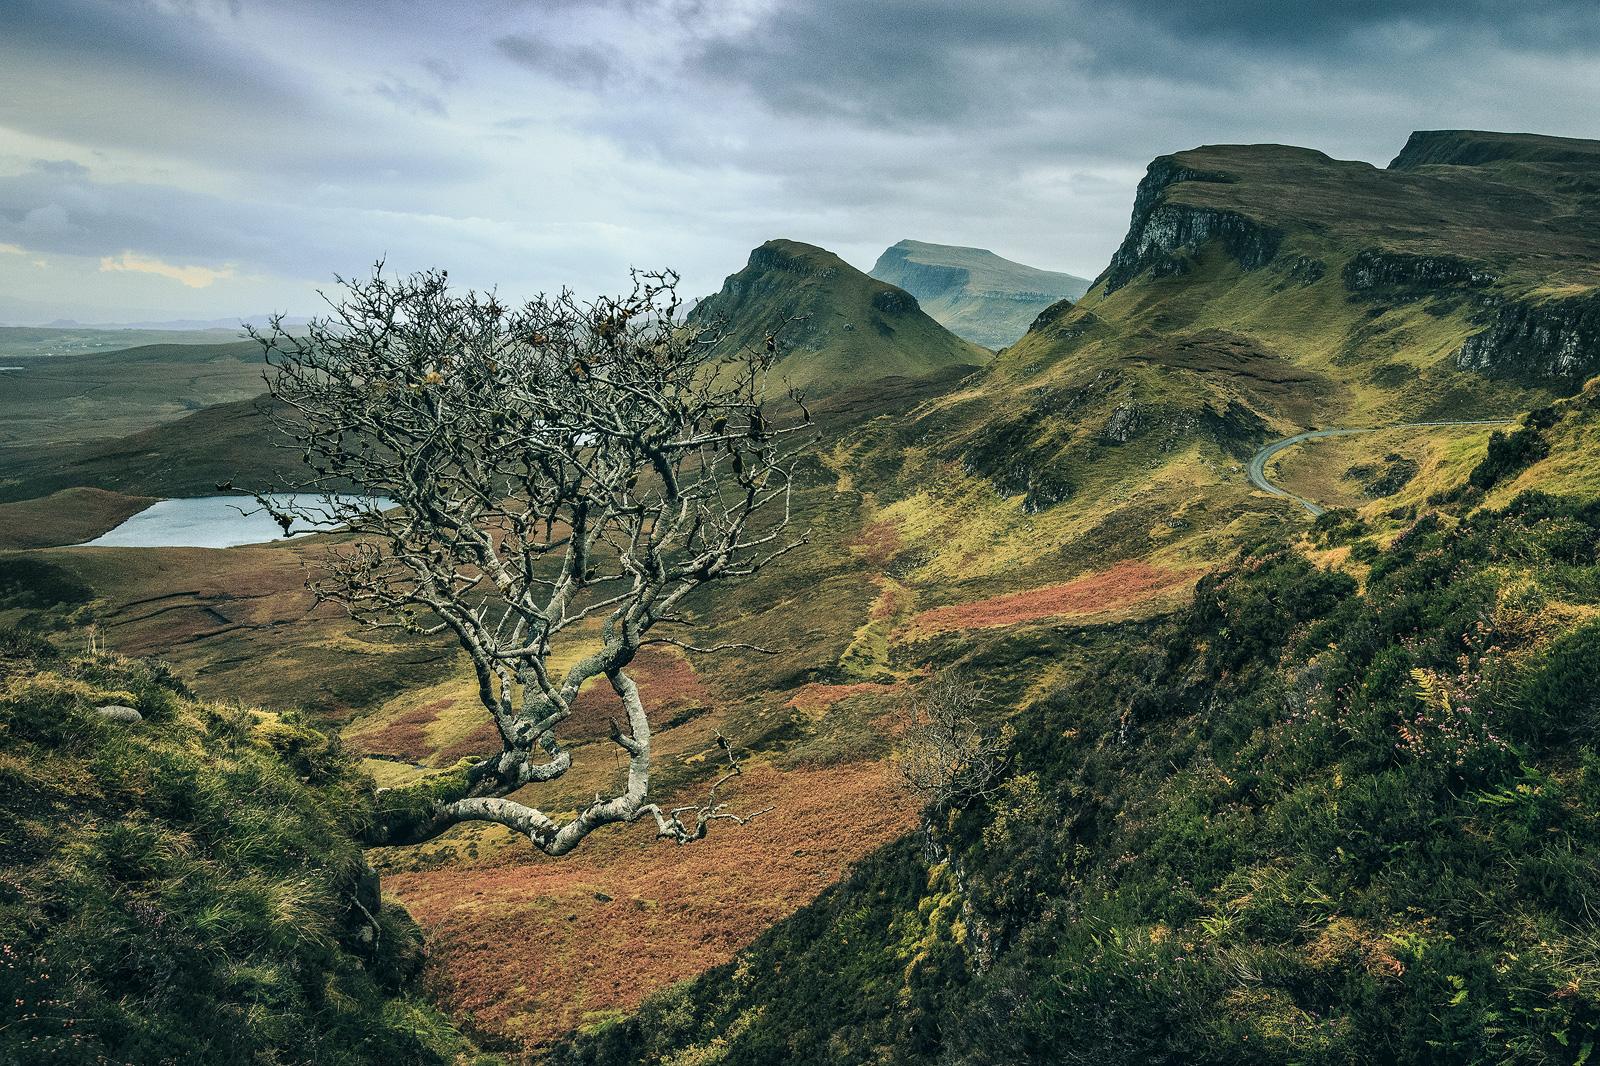 Quiraing auf der Isle of Skye in Schottland – ein Reisebericht